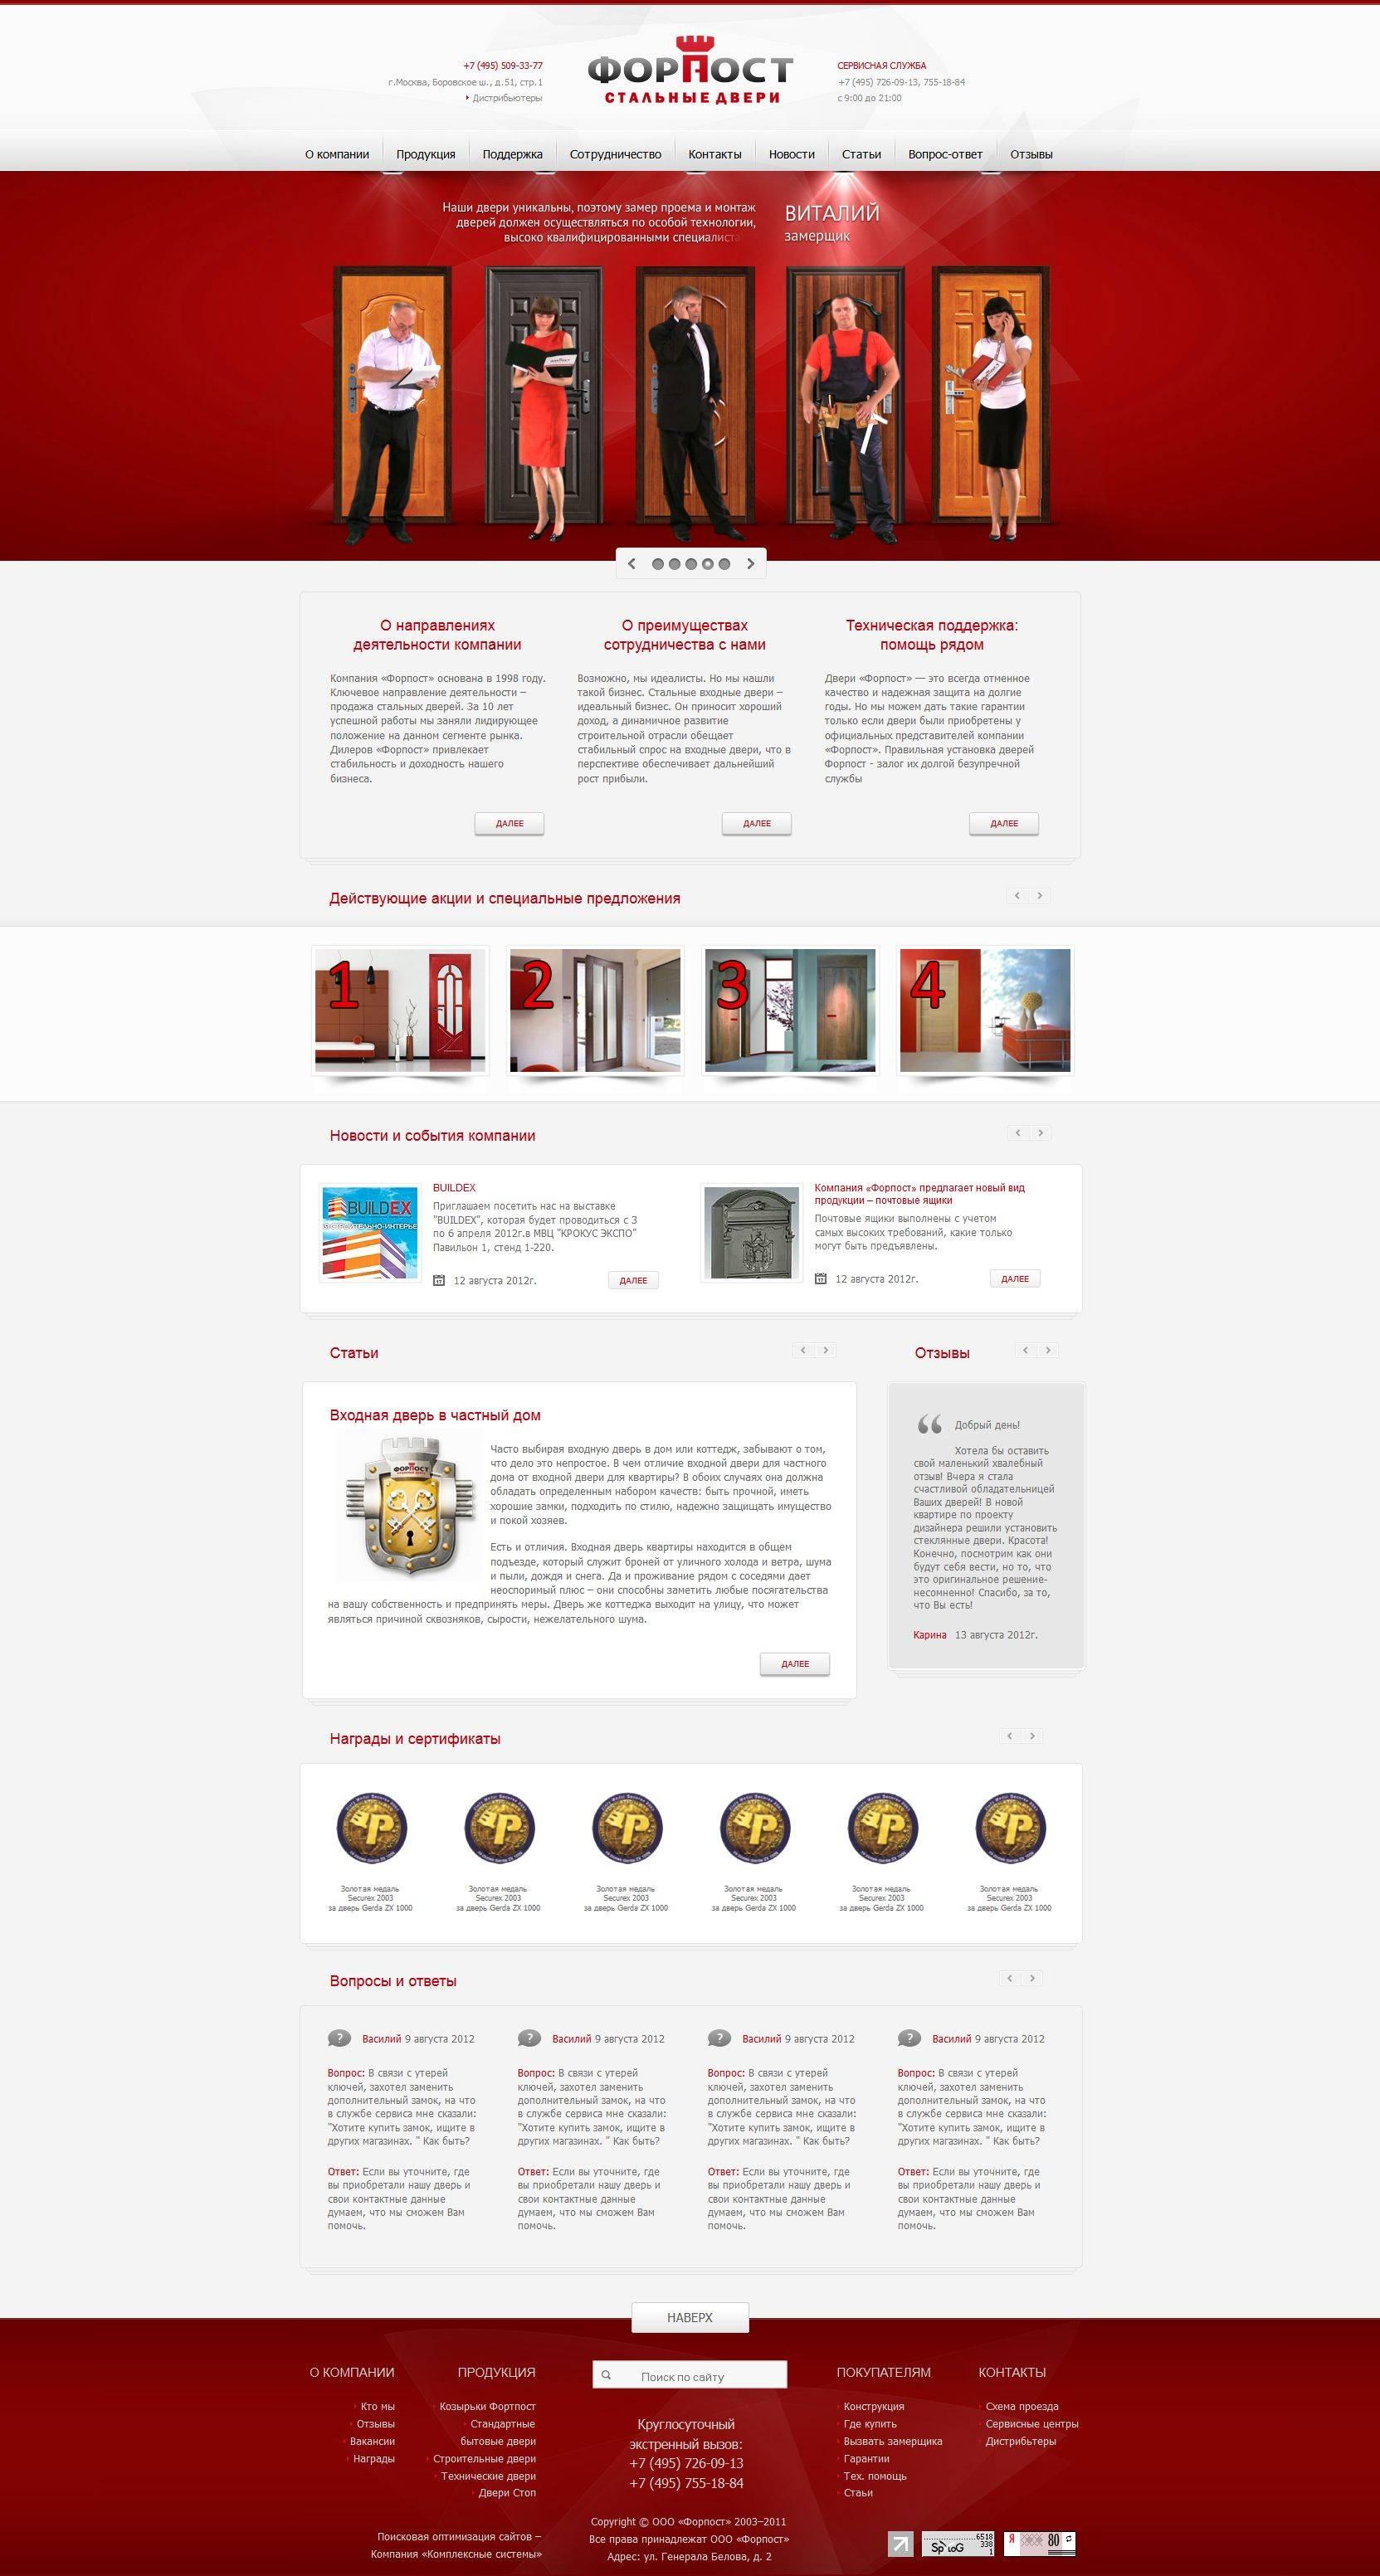 ФорПост - стальные двери - главная